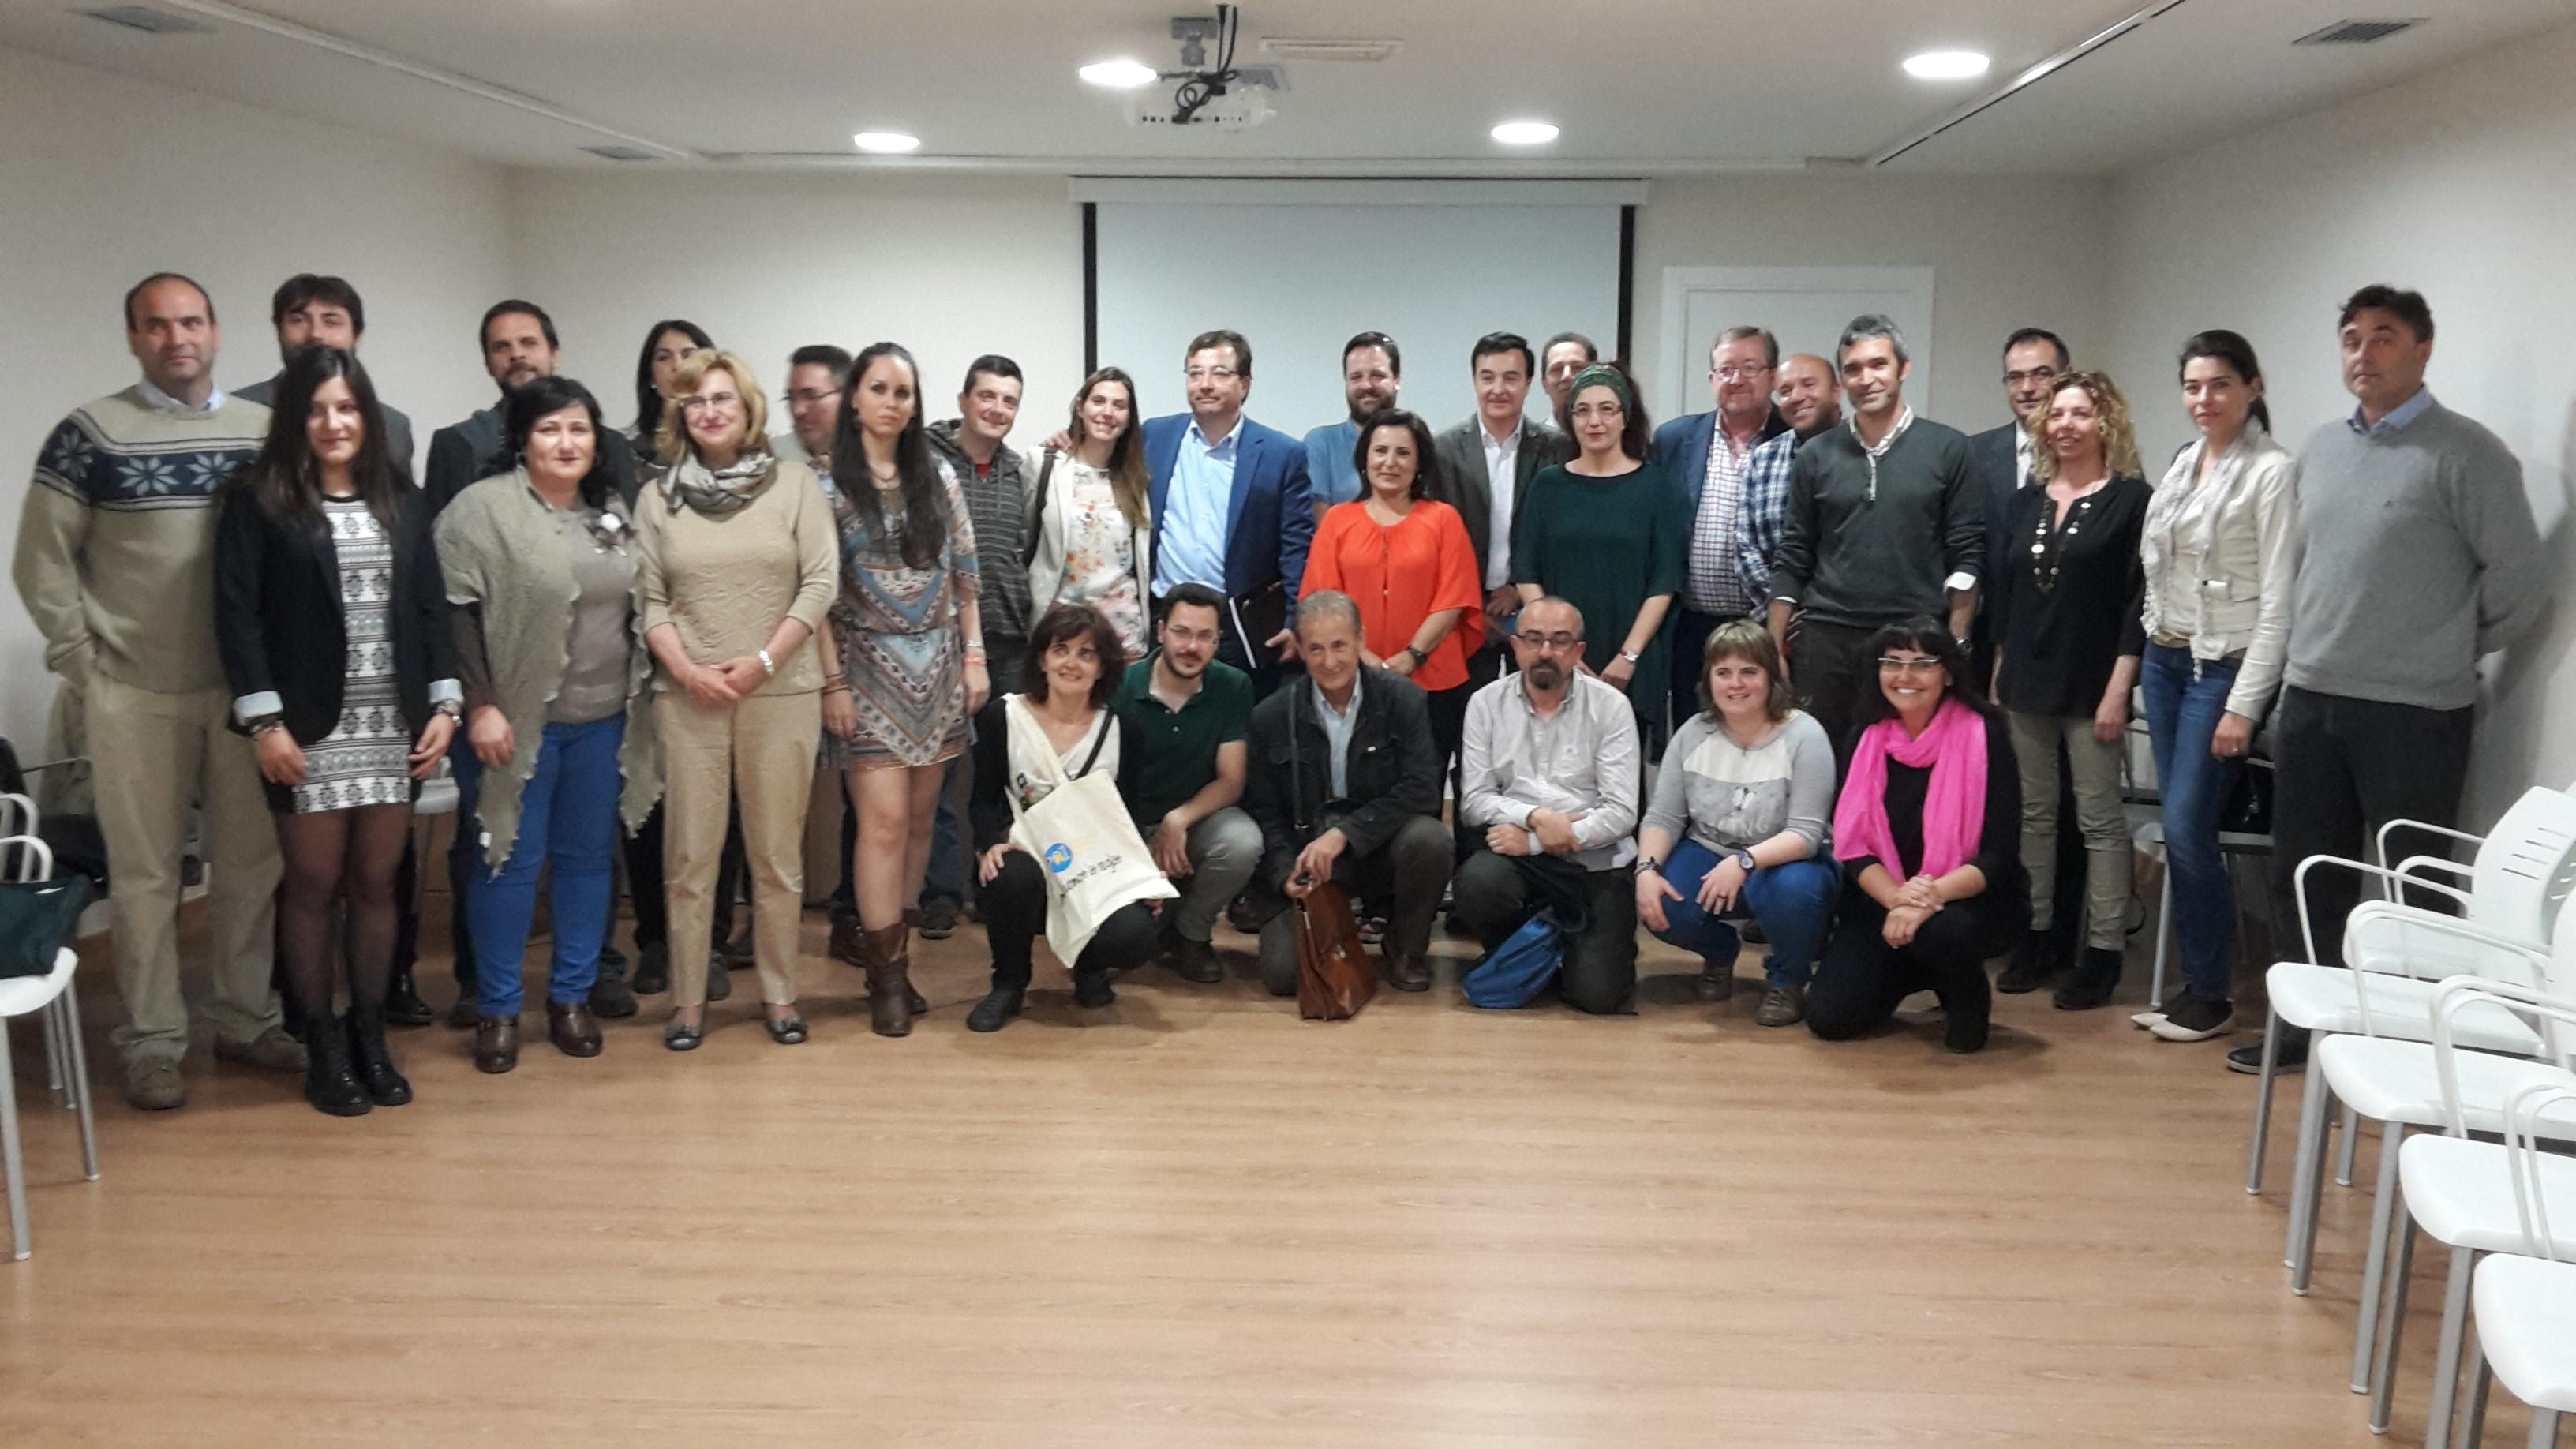 Éxito en el encuentro de diálogo civil entre los candidatos electorales autonómicos y las organizaciones sociales de Extremadura.